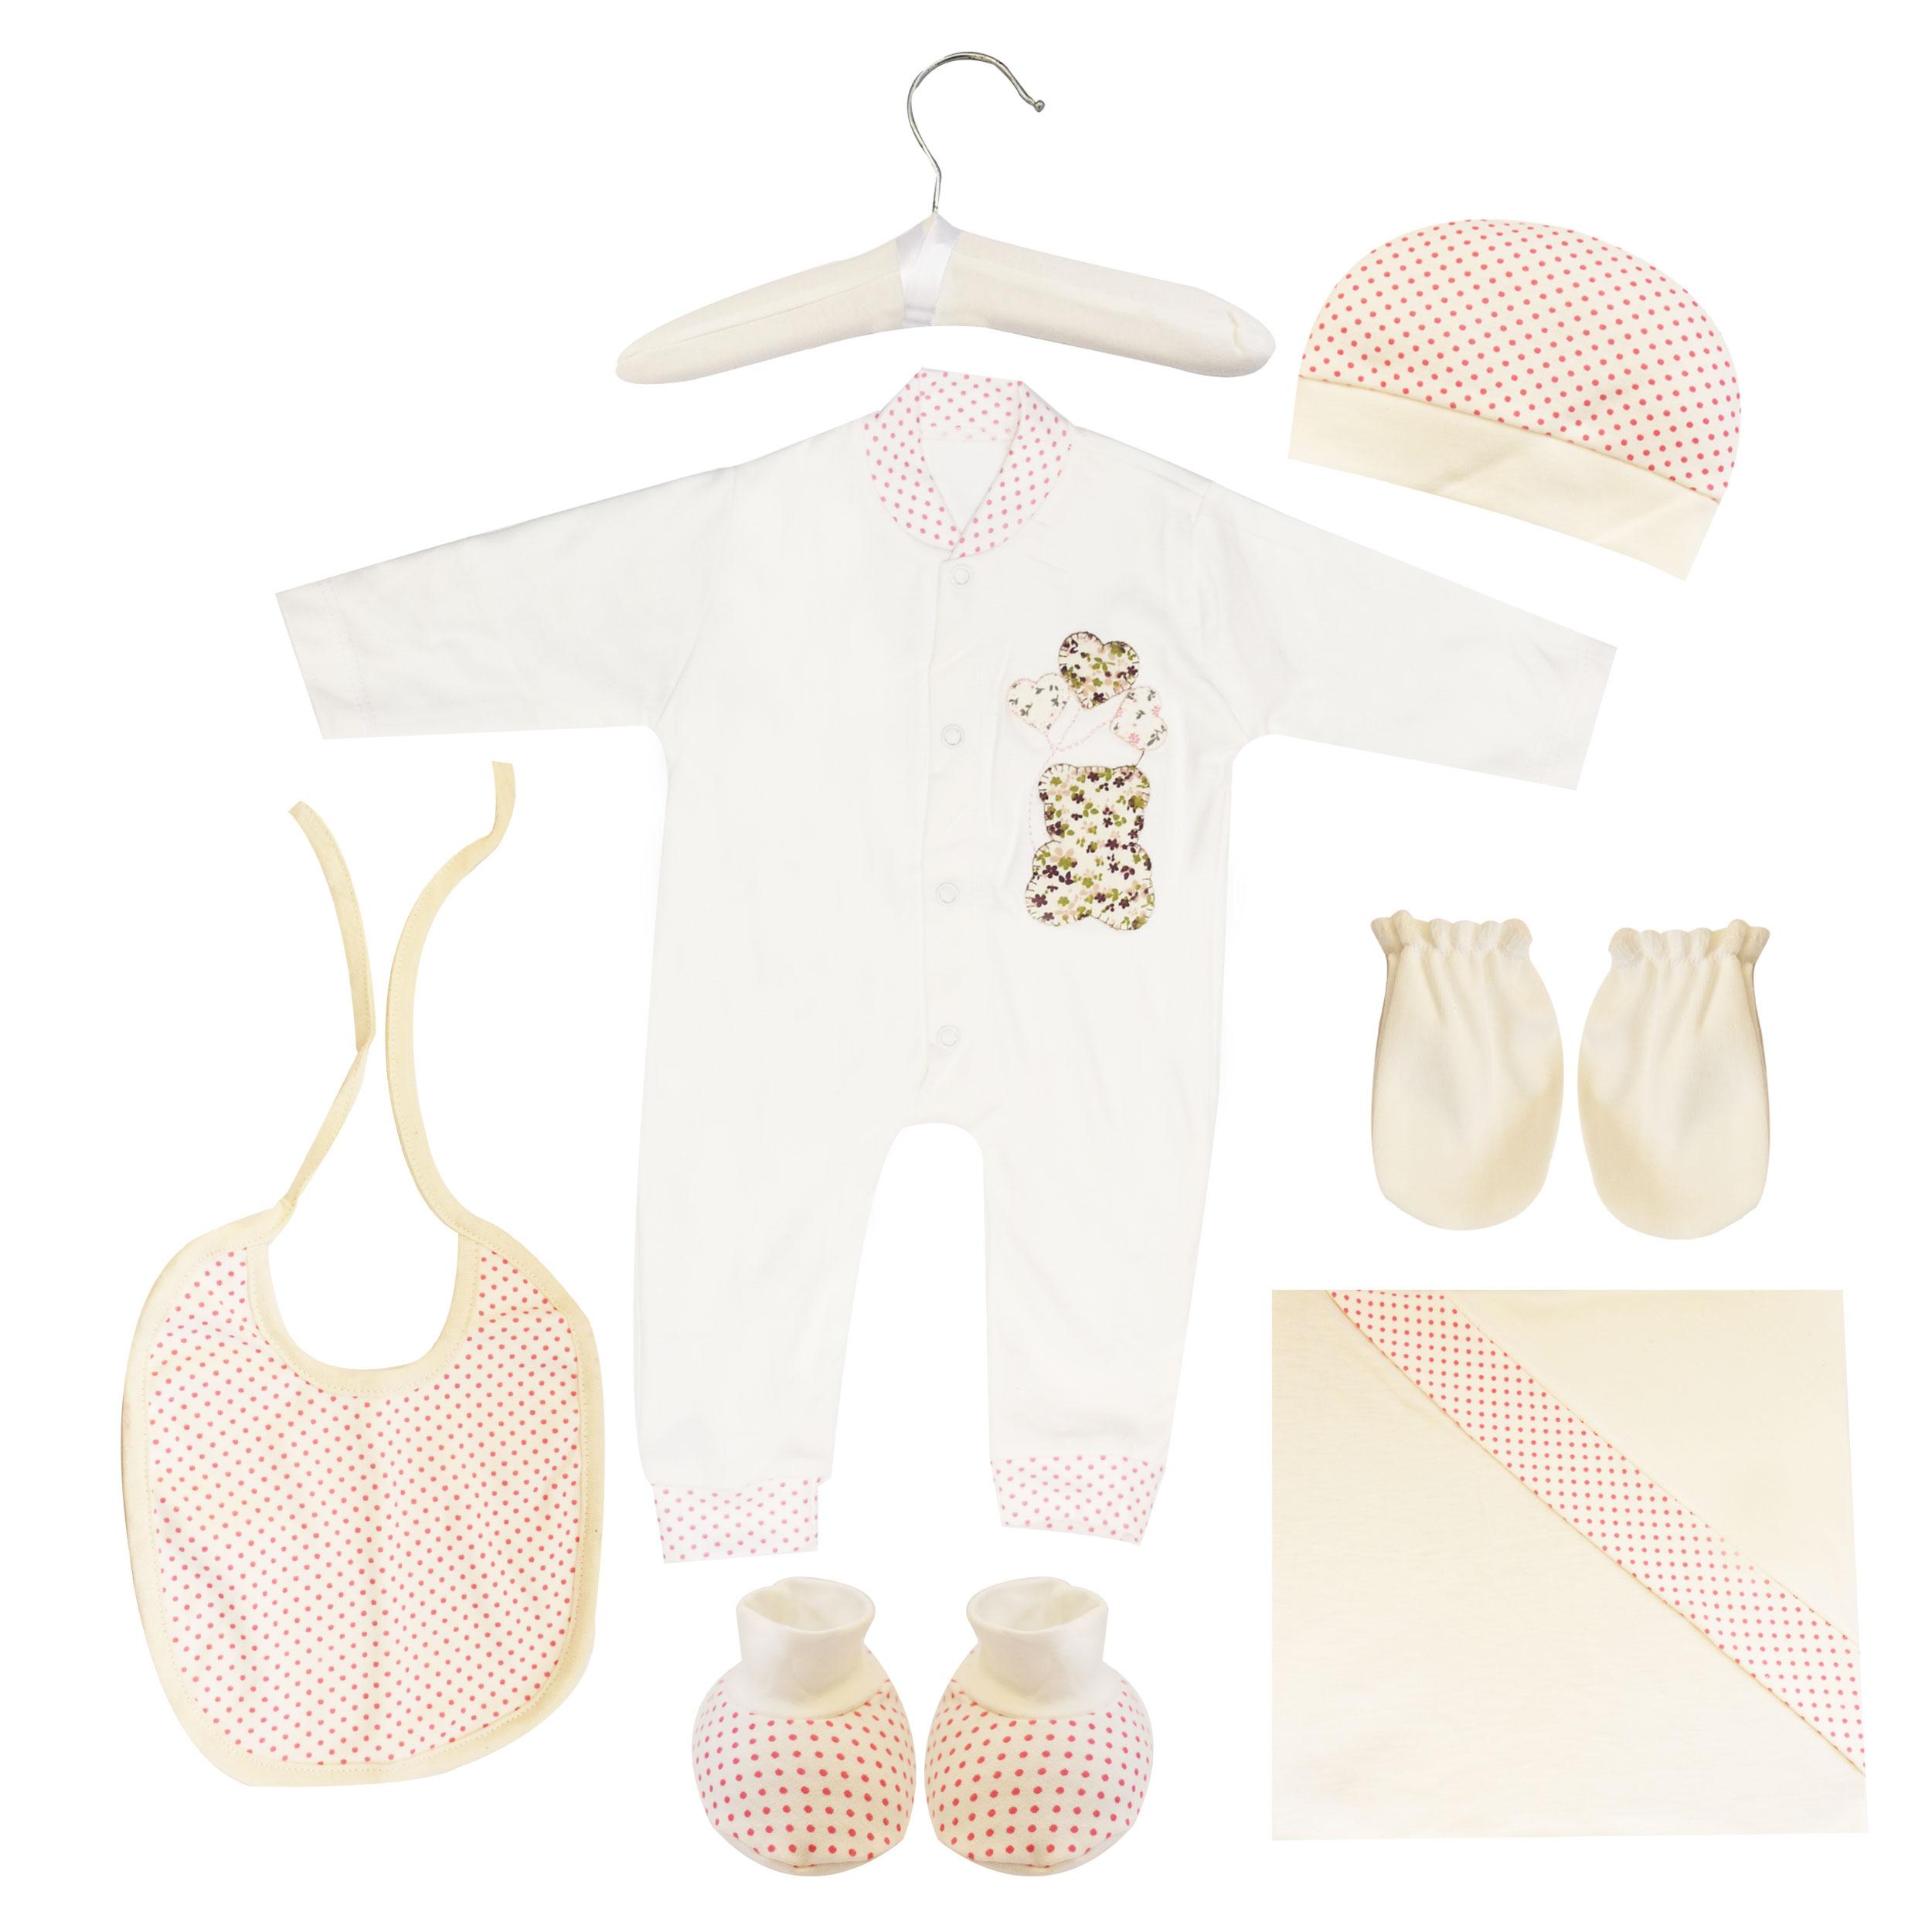 ست 7 تکه لباس نوزادی مادرکر طرح خرس کد M454.18